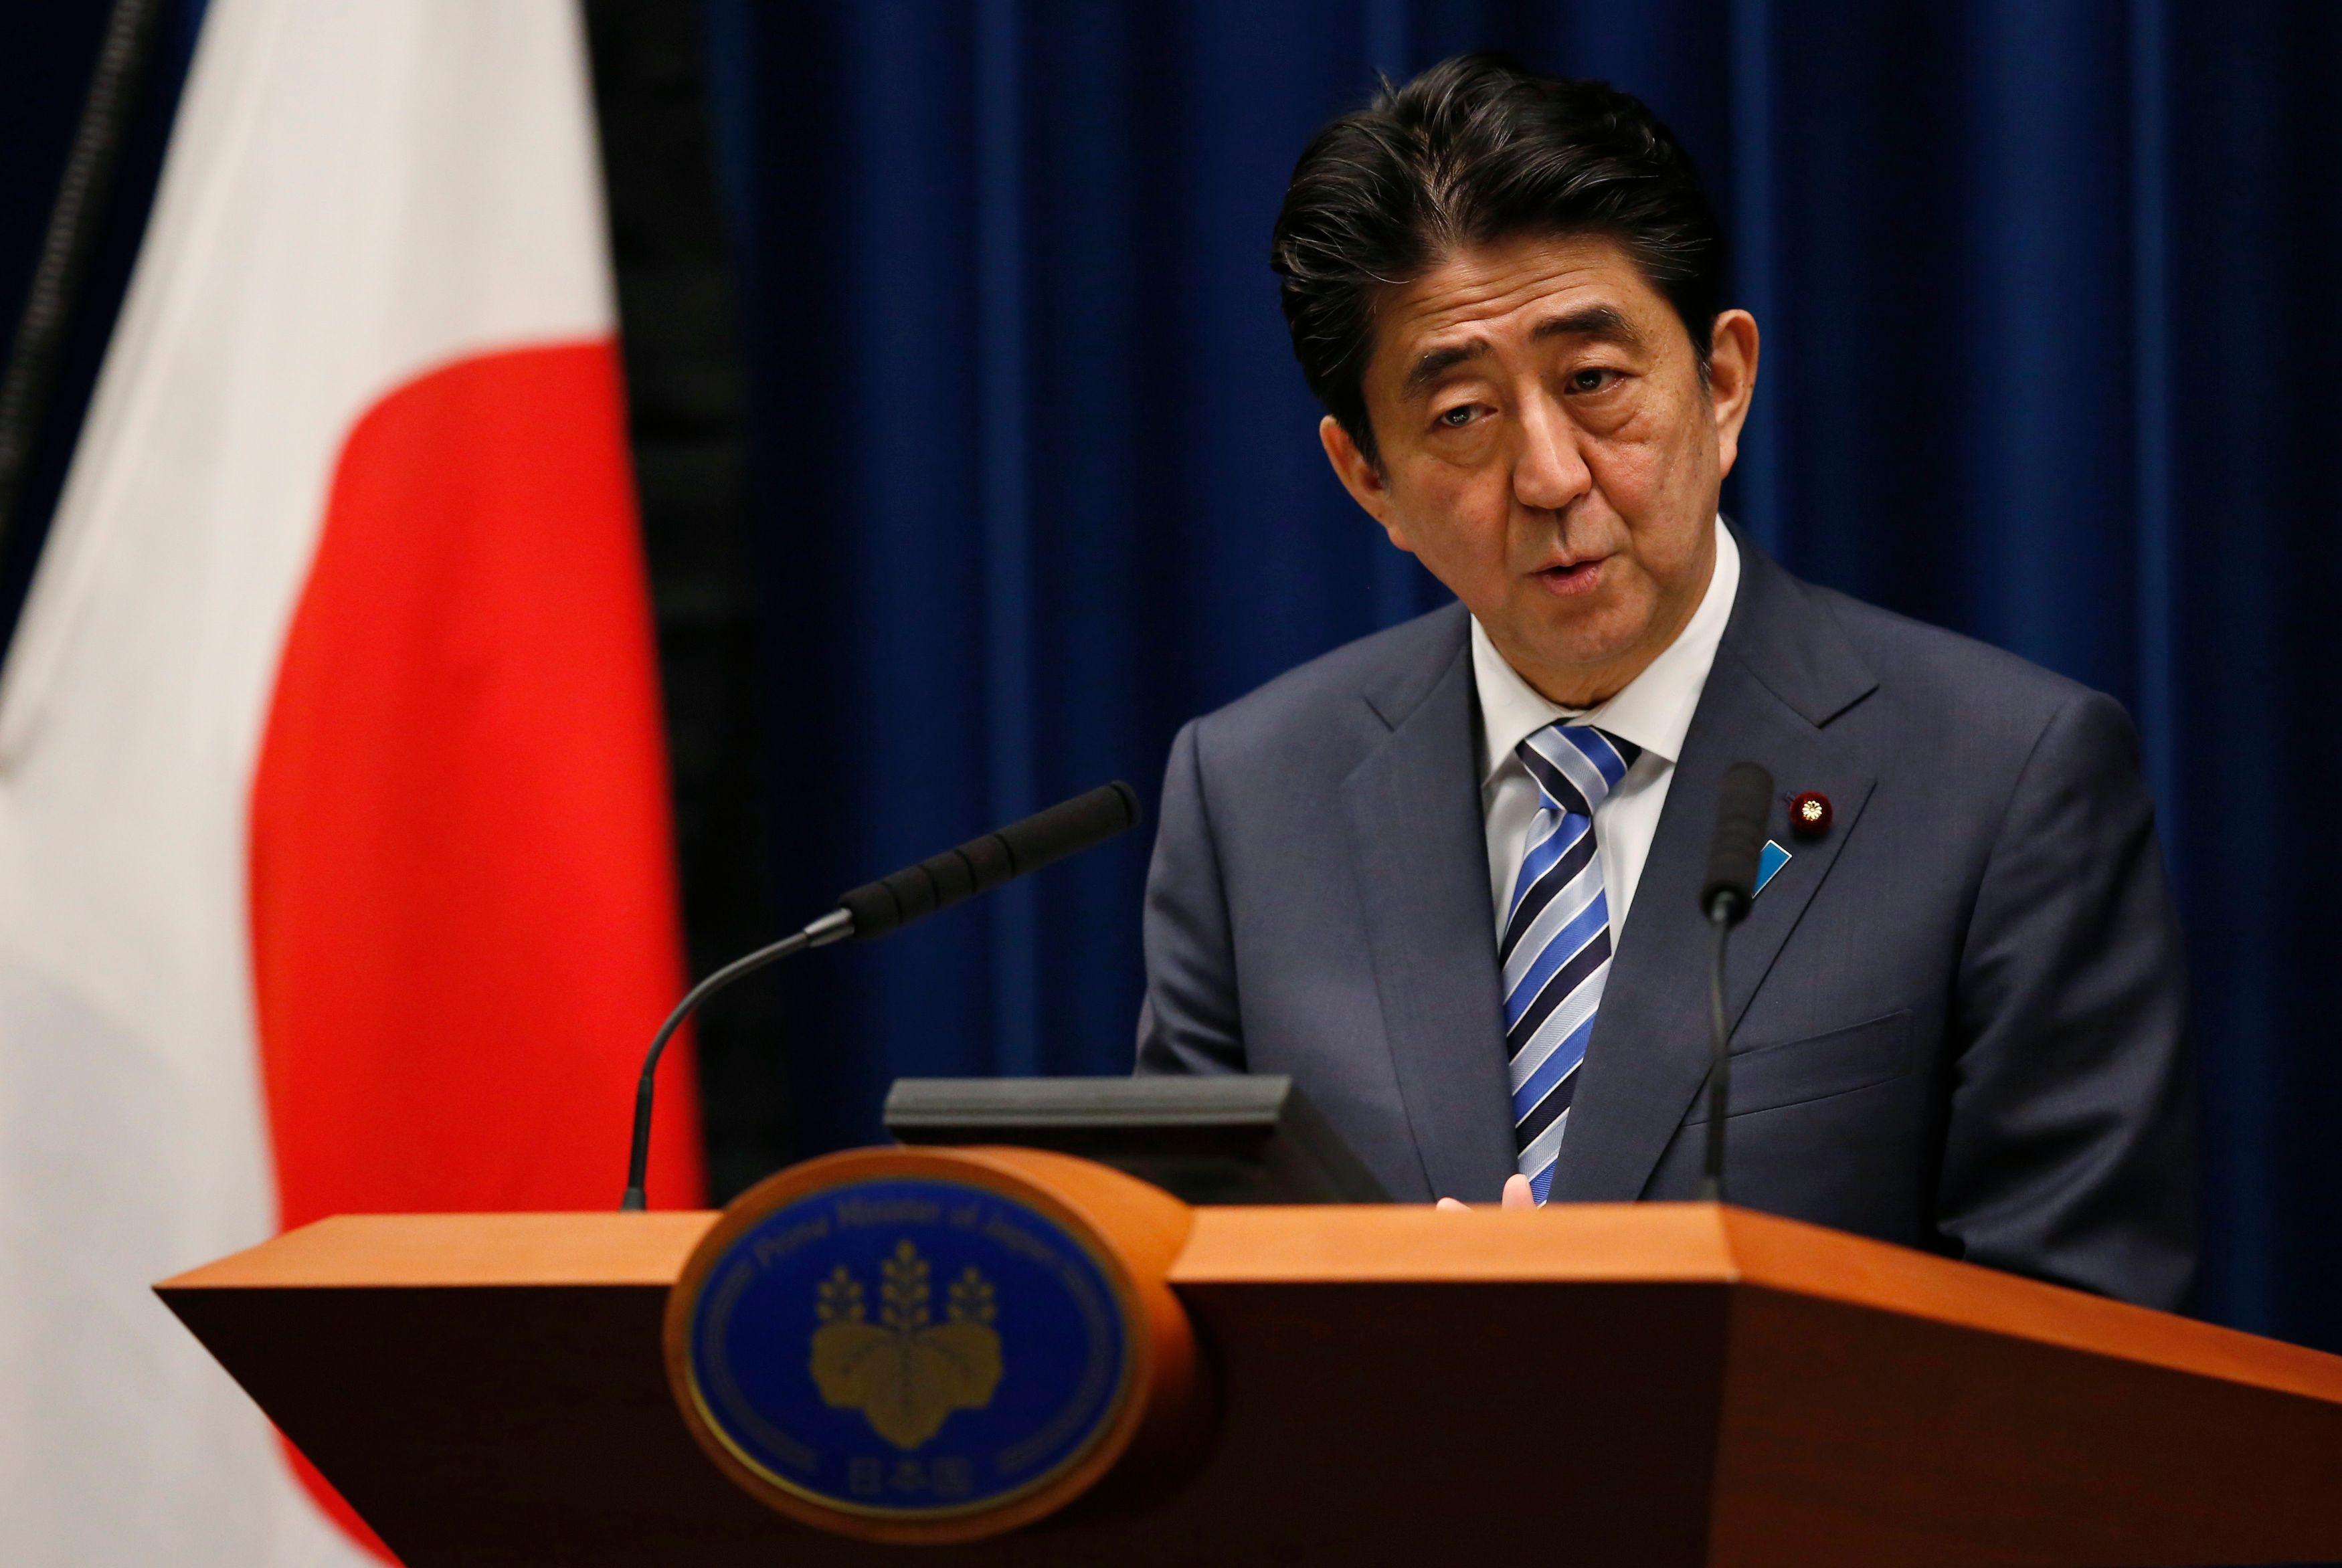 Asie : le Japon cherche un traité de paix avec la Russie